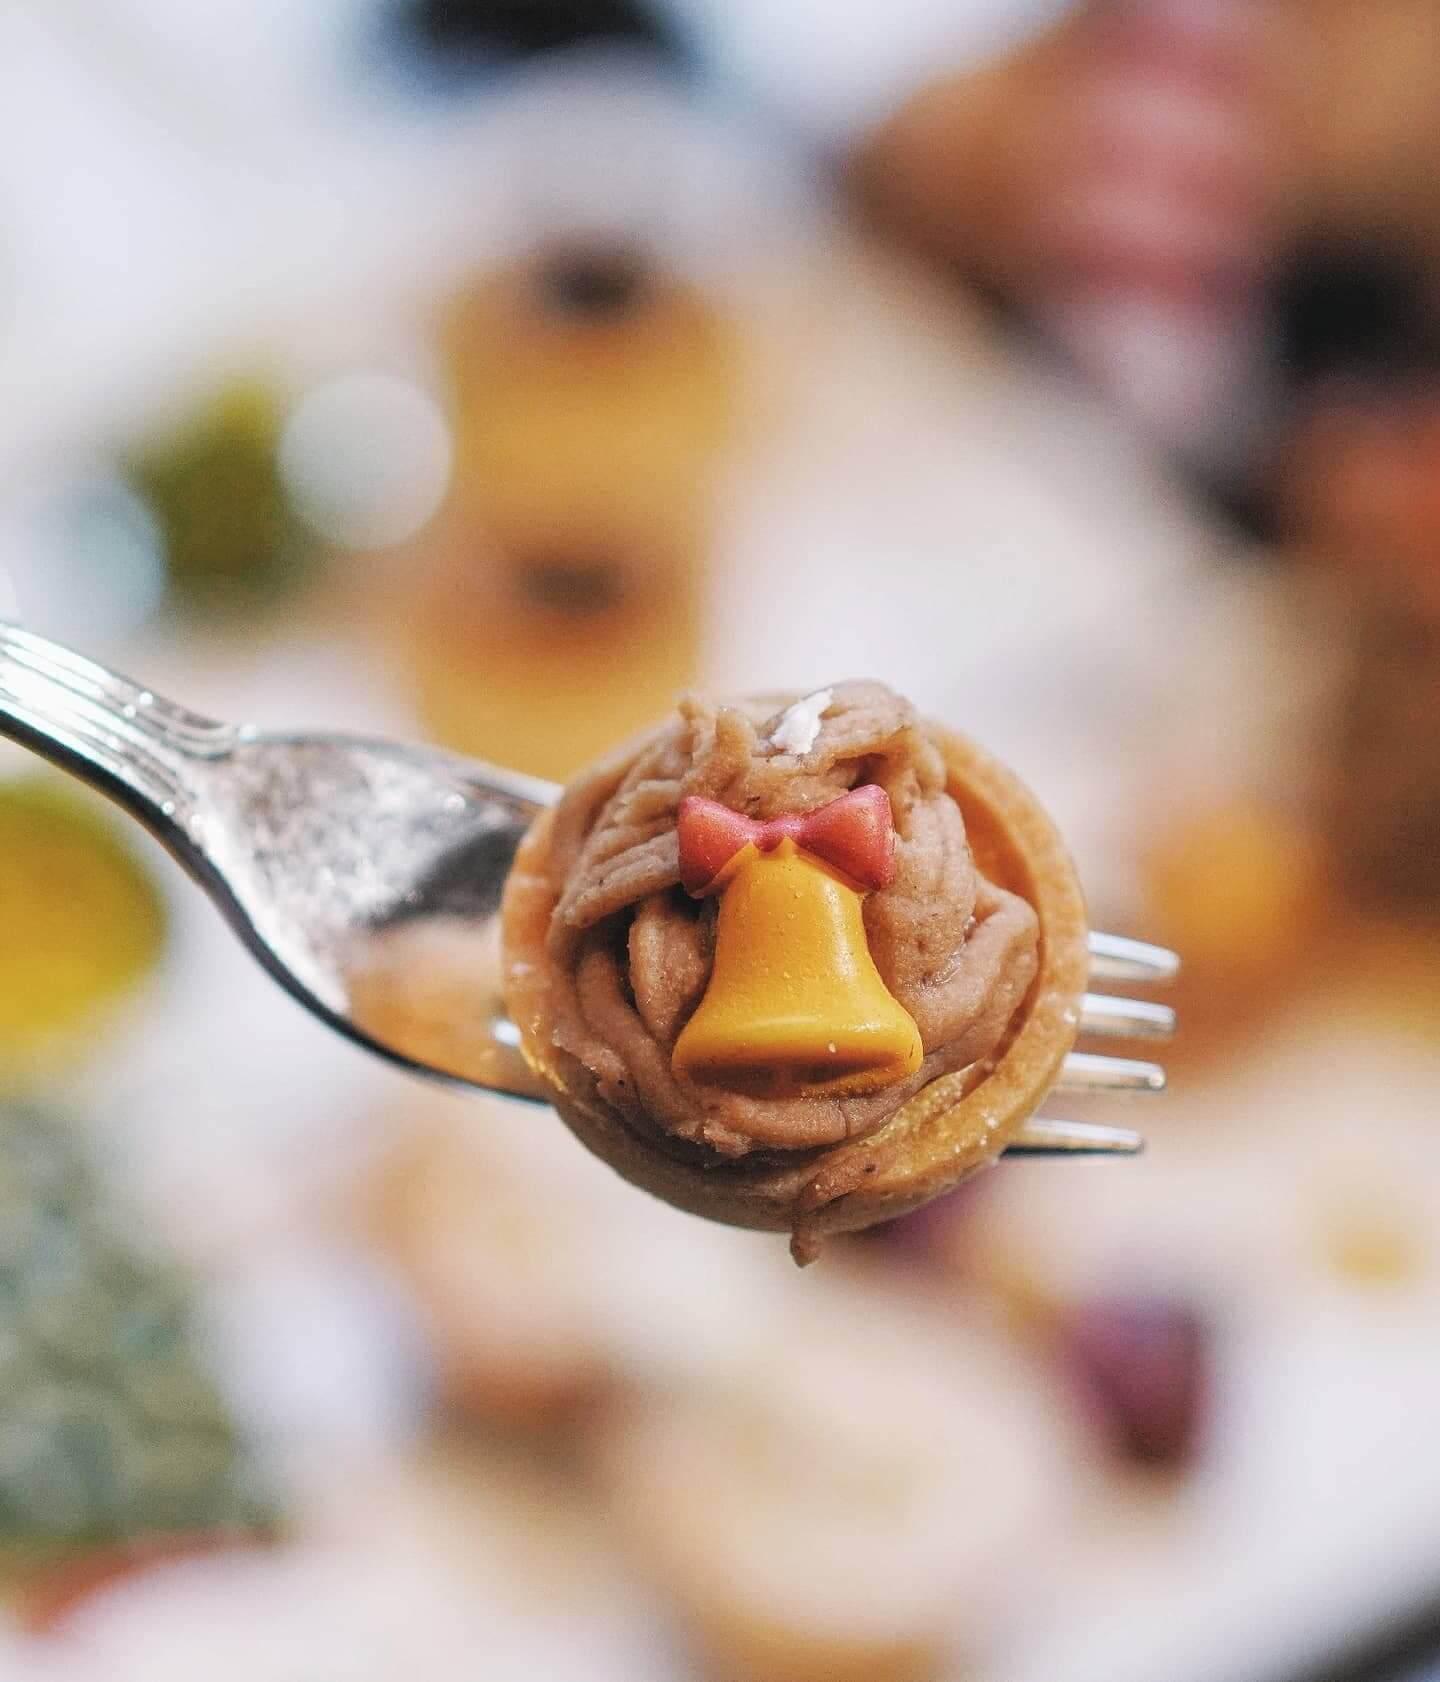 法式栗子蛋糕都幾討好,用時令栗子製成,栗香濃郁,上面仲有小鈴鐺裝飾,勁有聖誕氣氛!